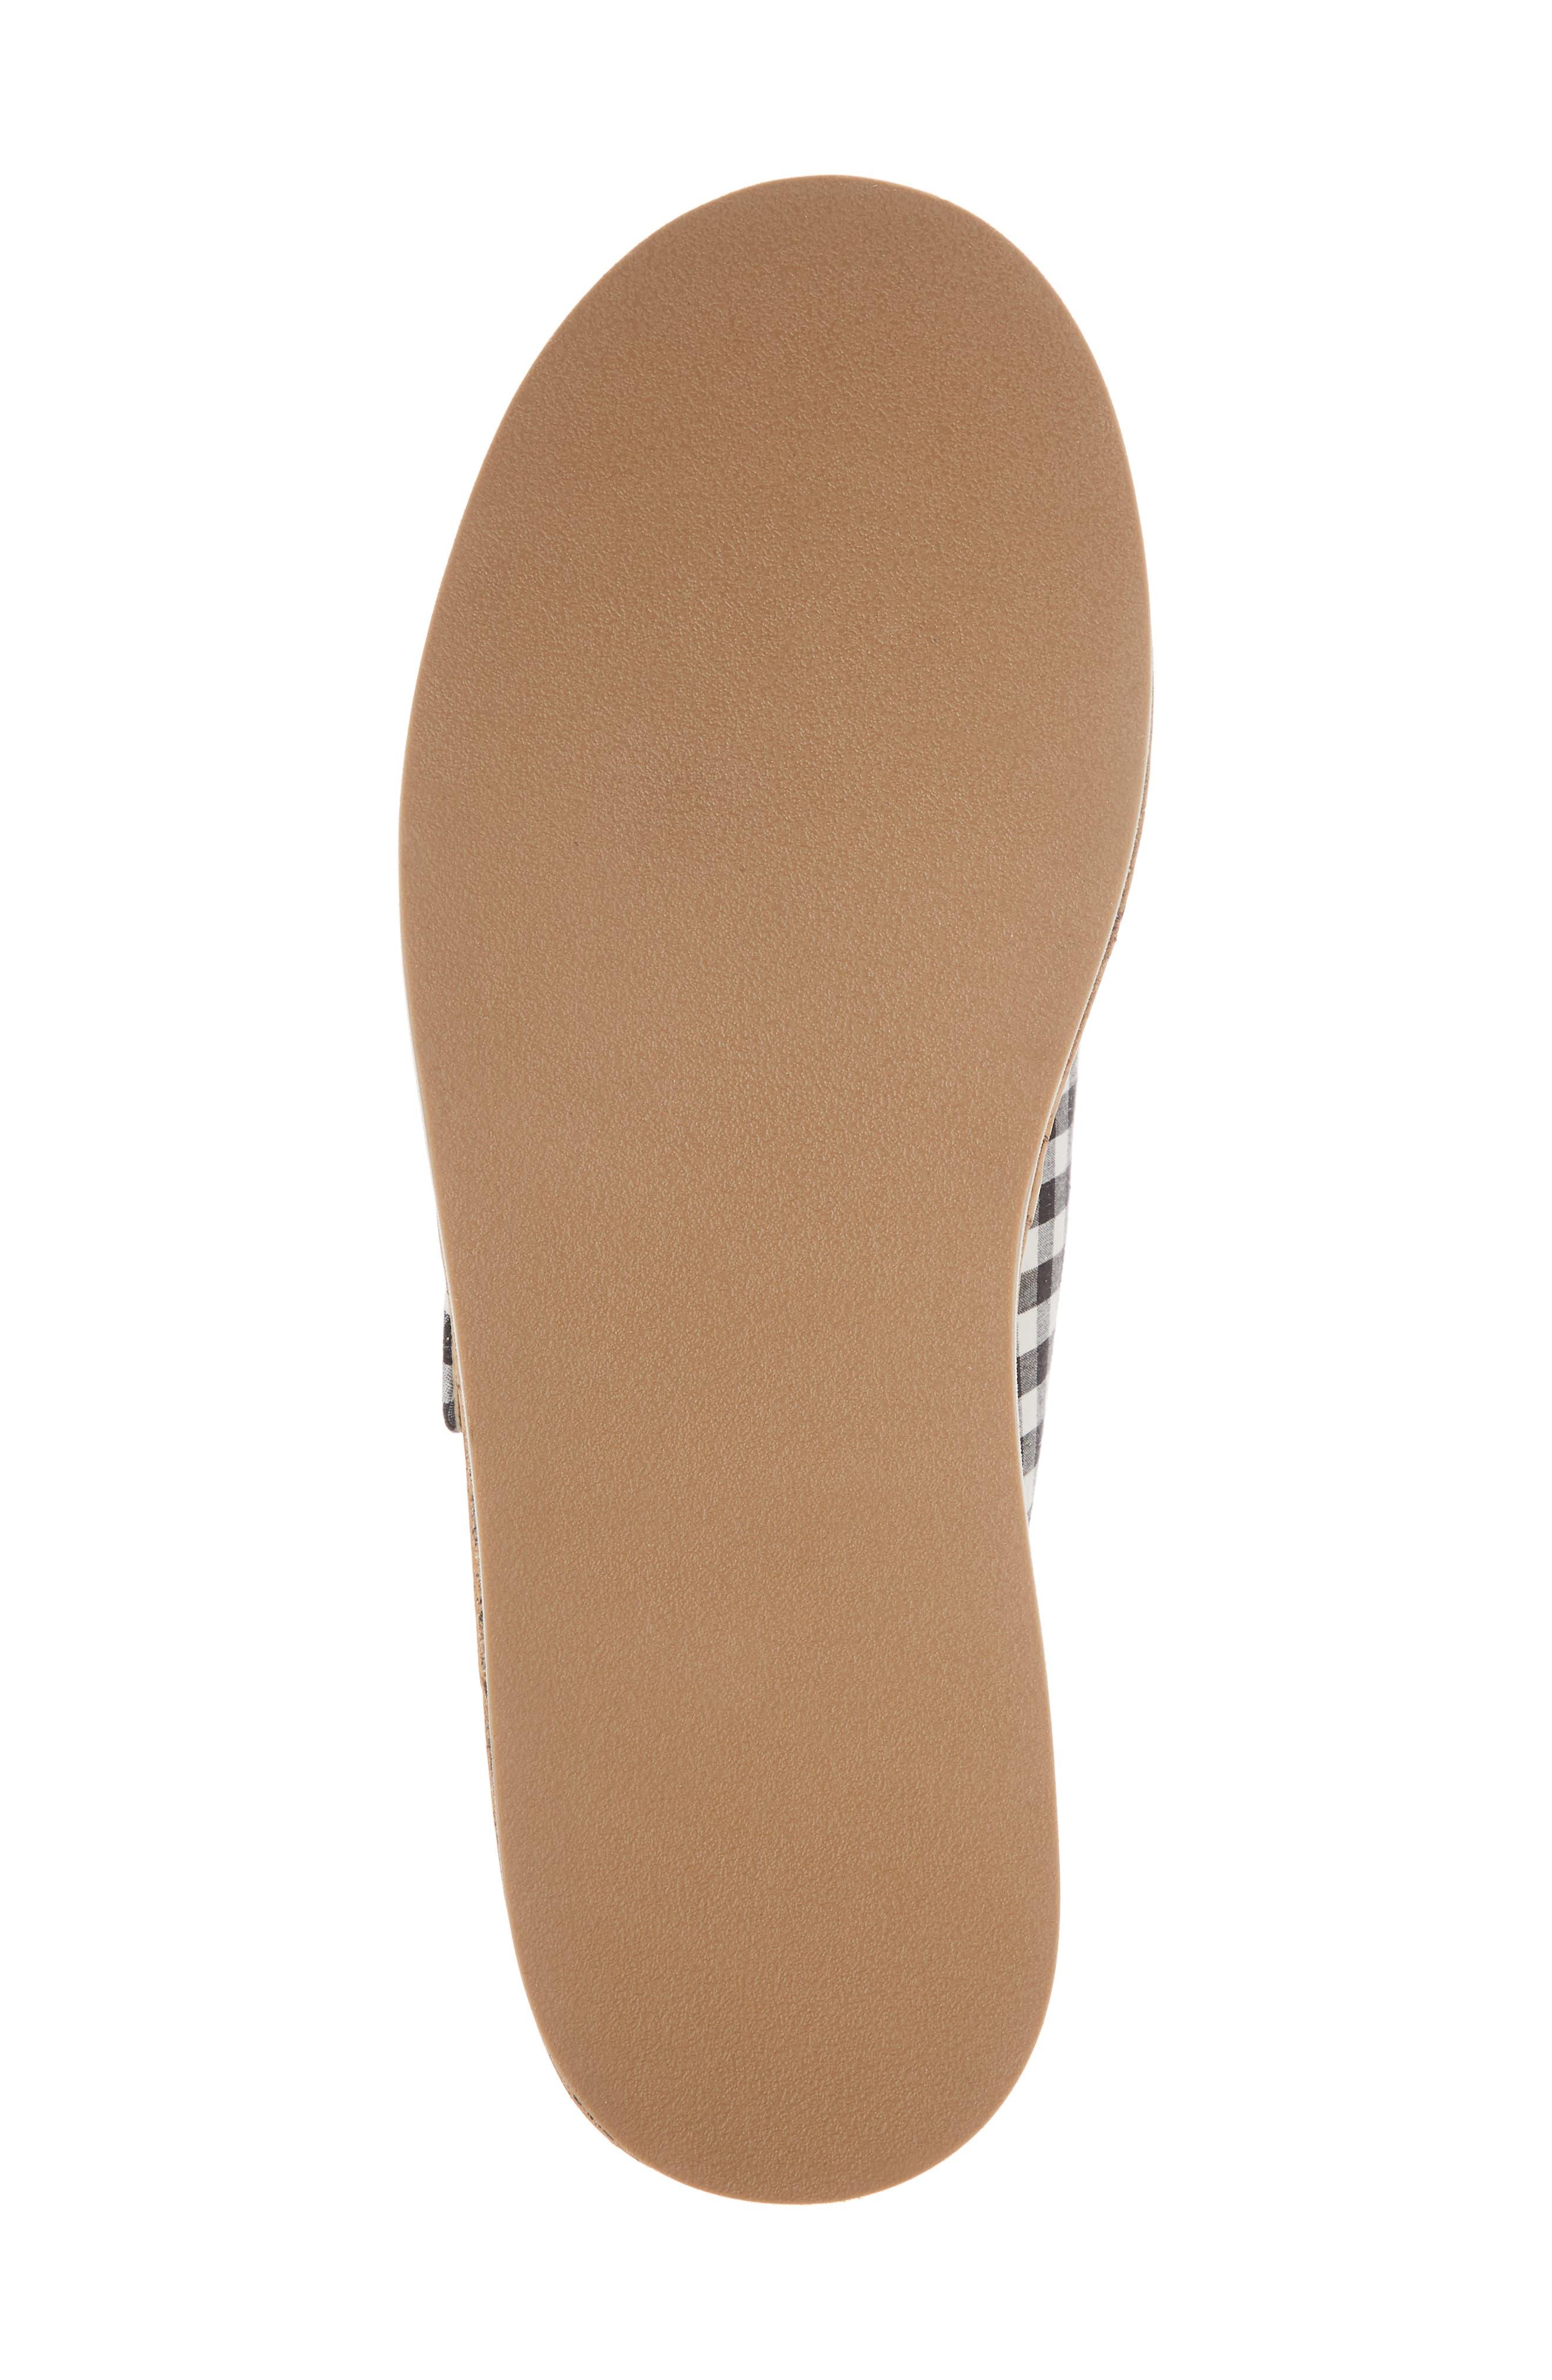 Jordan Two-Buckle Slide Sandal,                             Alternate thumbnail 32, color,